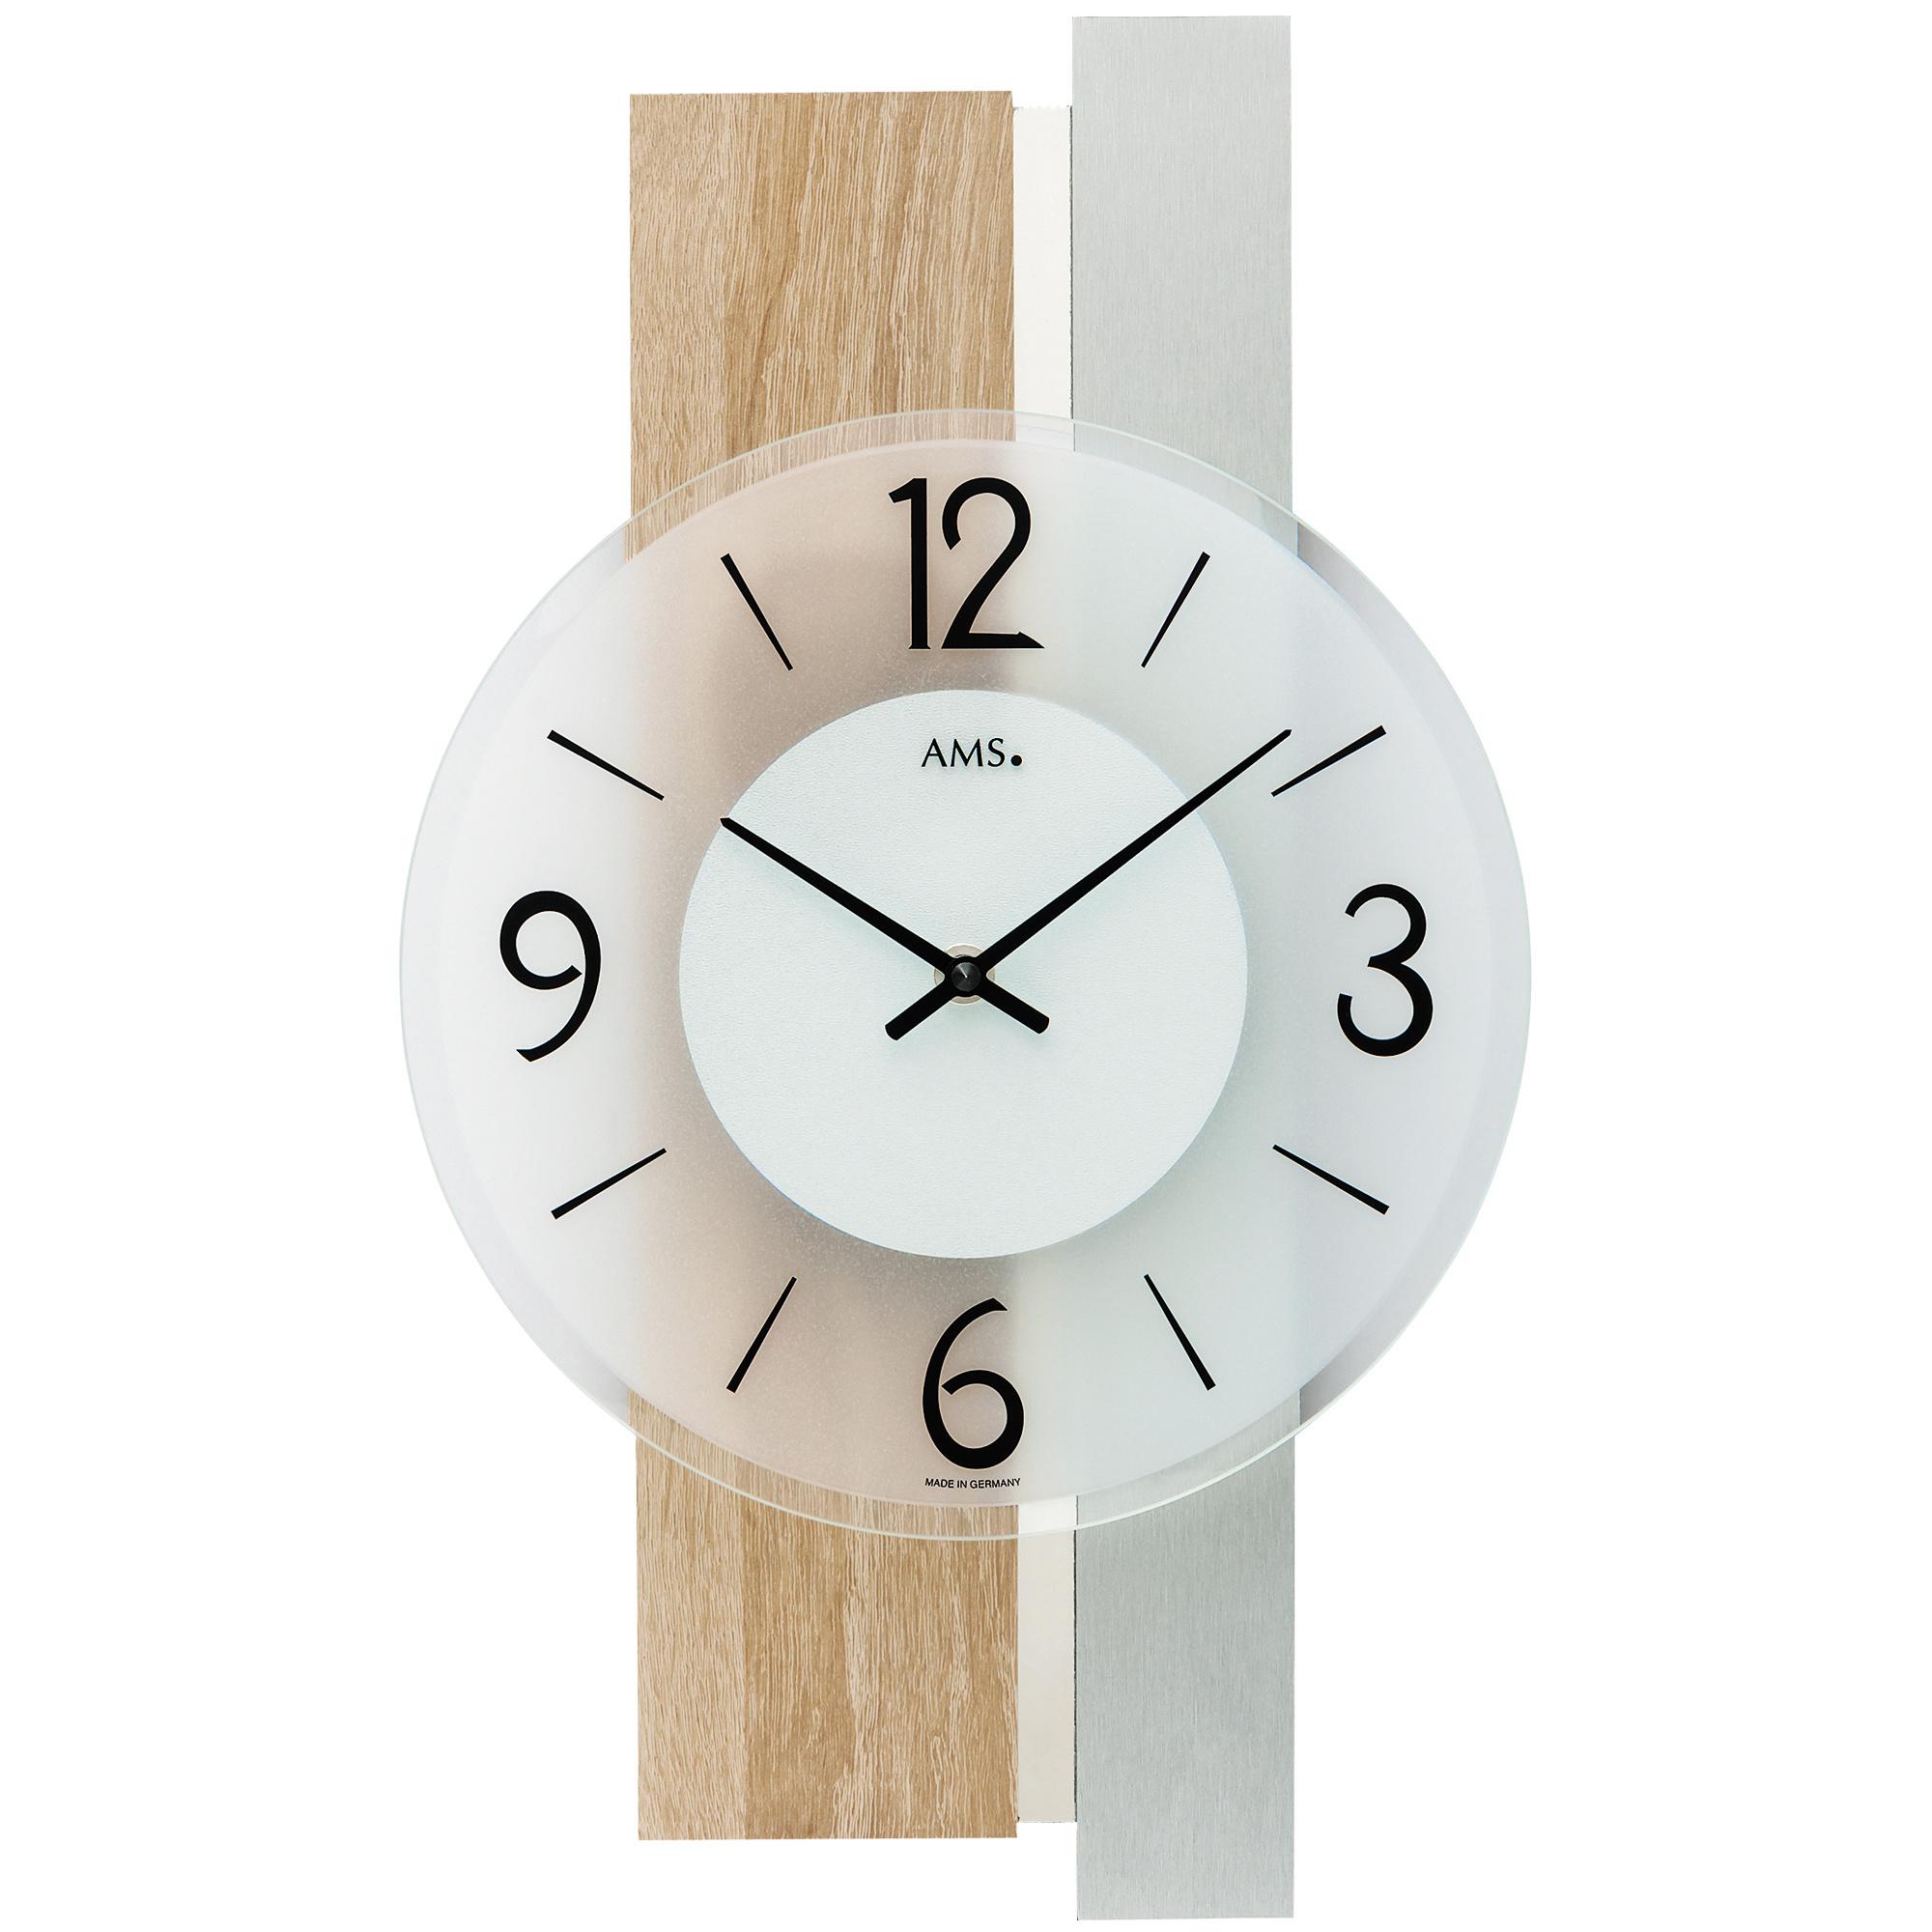 NEU Designer Wanduhr AMS Schiefer Uhr Holzgehäuse Aluminium-Auflagen schwarz